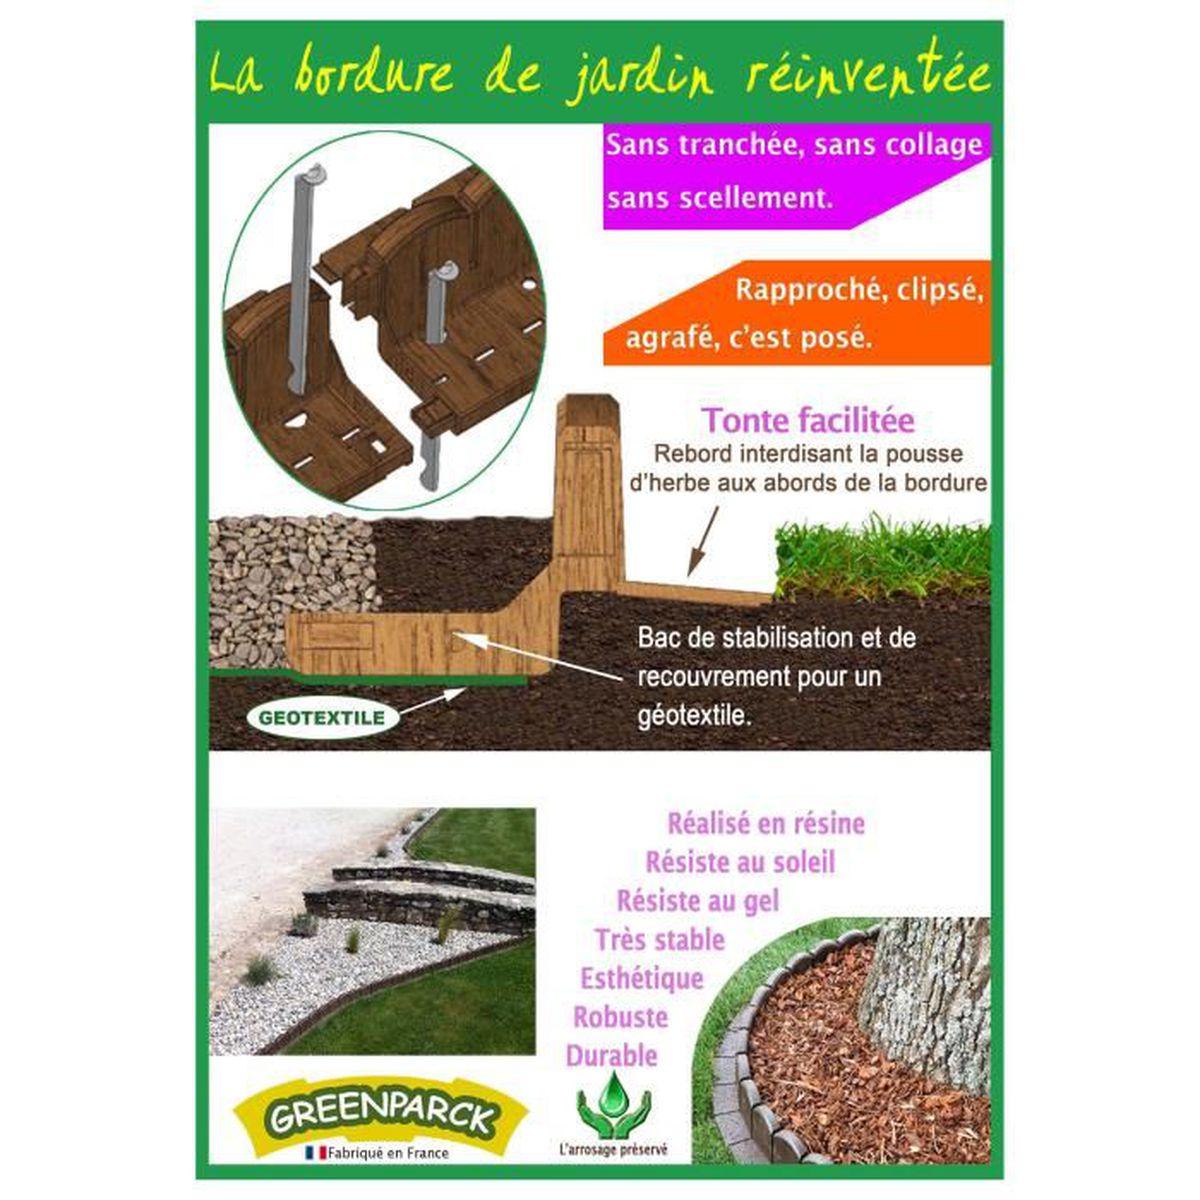 Bordure de jardin en résine composite - Achat / Vente ...